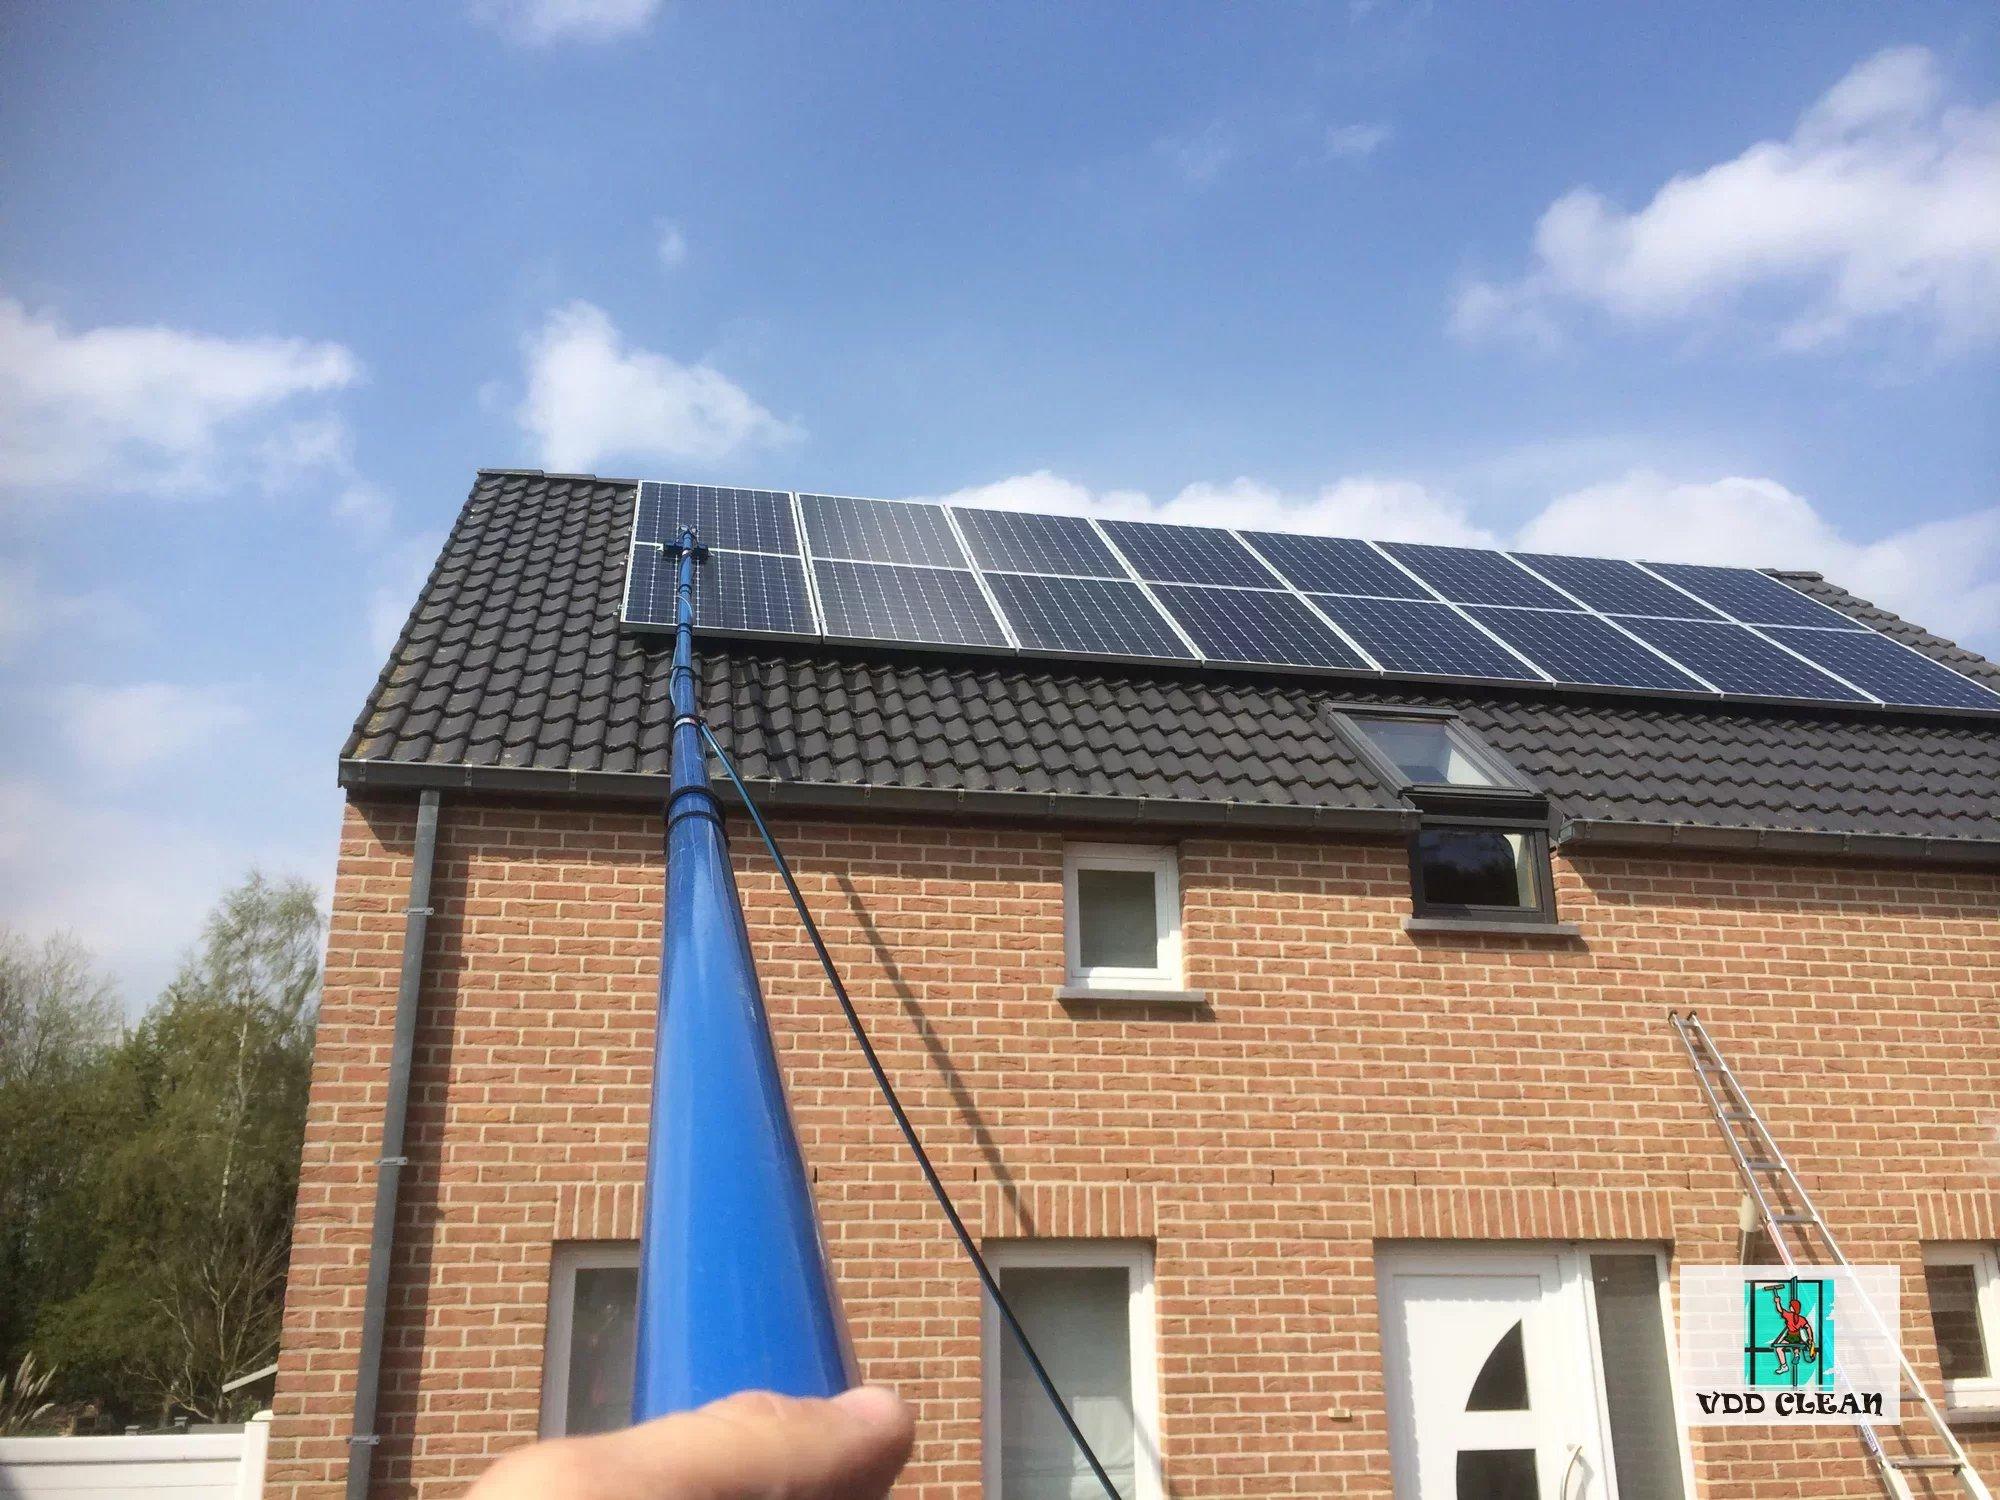 les panneaux solaire gallery of les panneaux solaire with les panneaux solaire with les. Black Bedroom Furniture Sets. Home Design Ideas